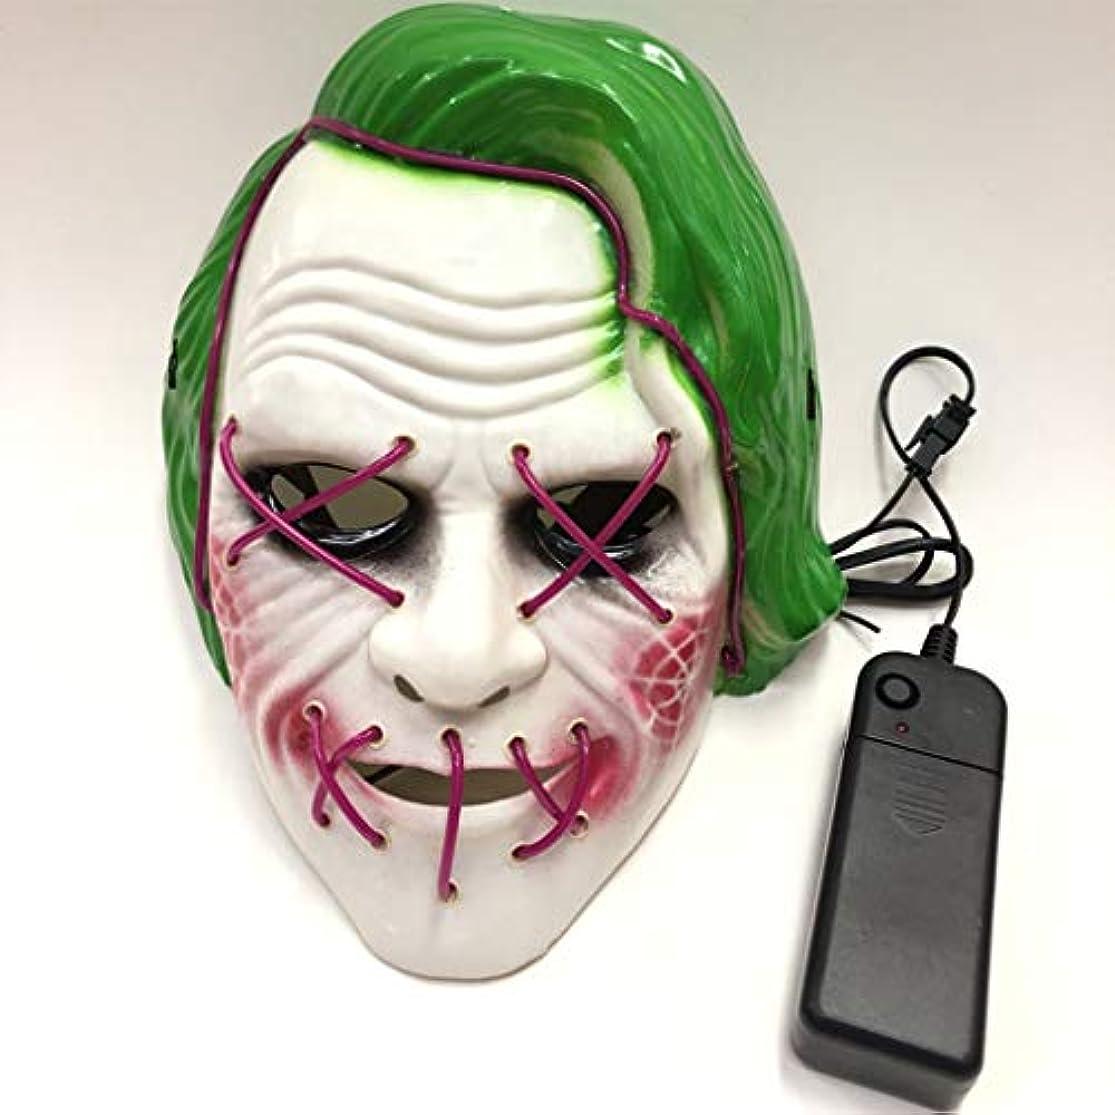 辞書下向き直立LEDハロウィーンマスクライトアップマスクグローイングマスク、ハロウィーンコスプレ、ブルー